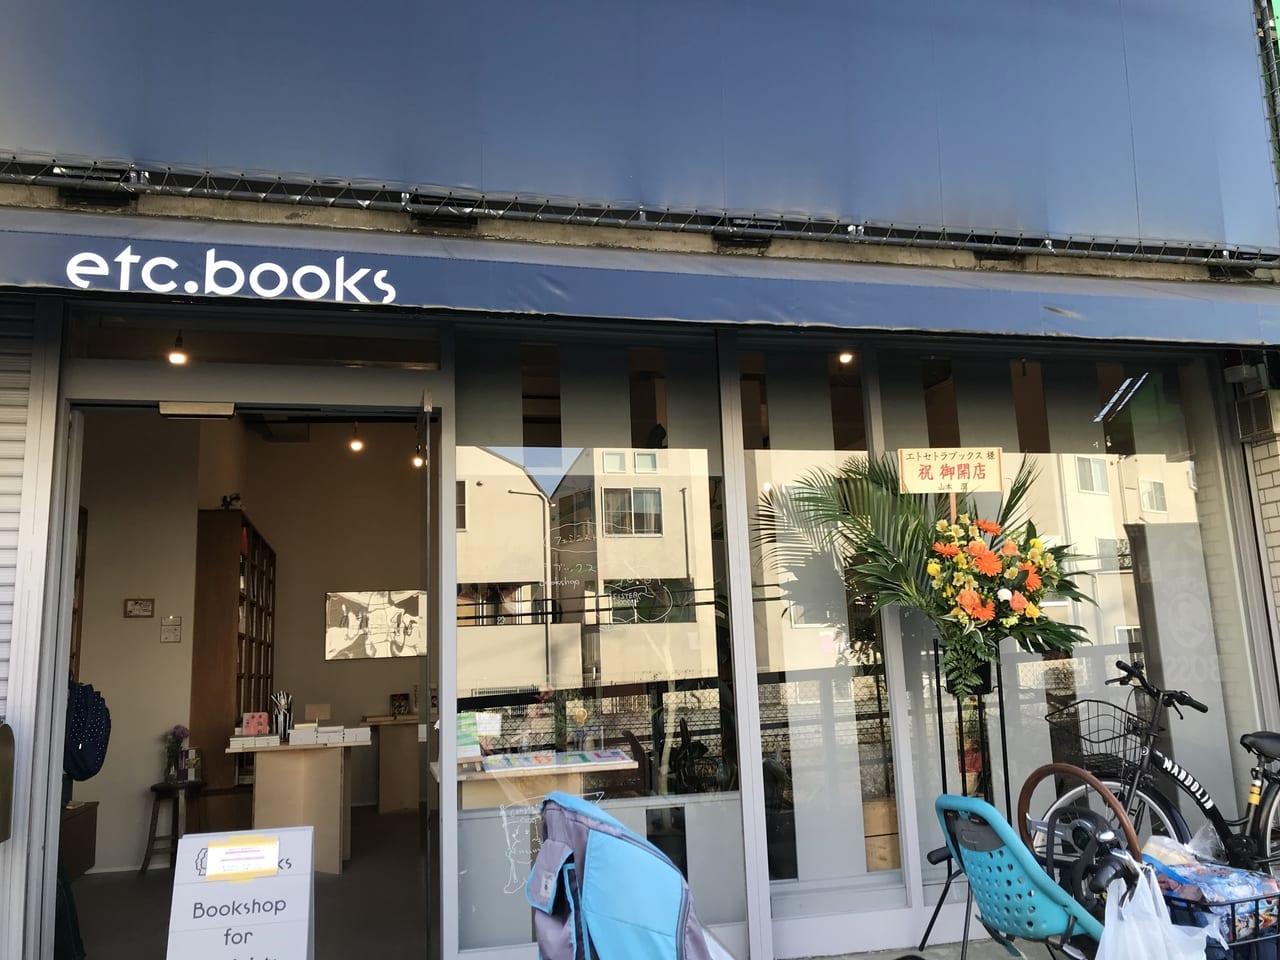 世田谷区新代田小さなフェミニスト書店「エトセトラブックス BOOKSHOP」オープン